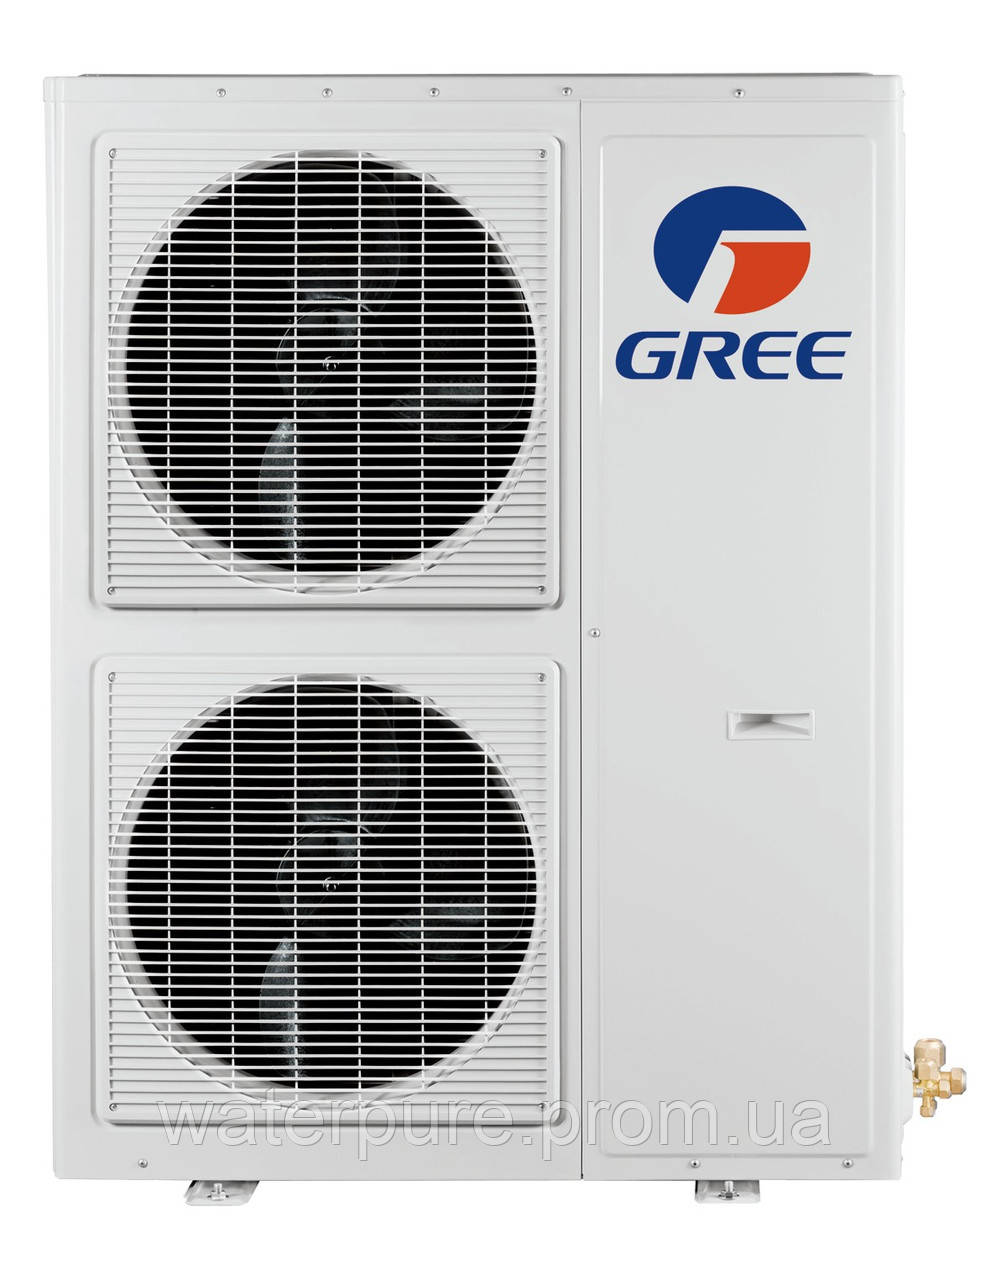 Тепловой насос GRS-CQ12Pd Na-М Versati-II Gree - Водэко в Днепре